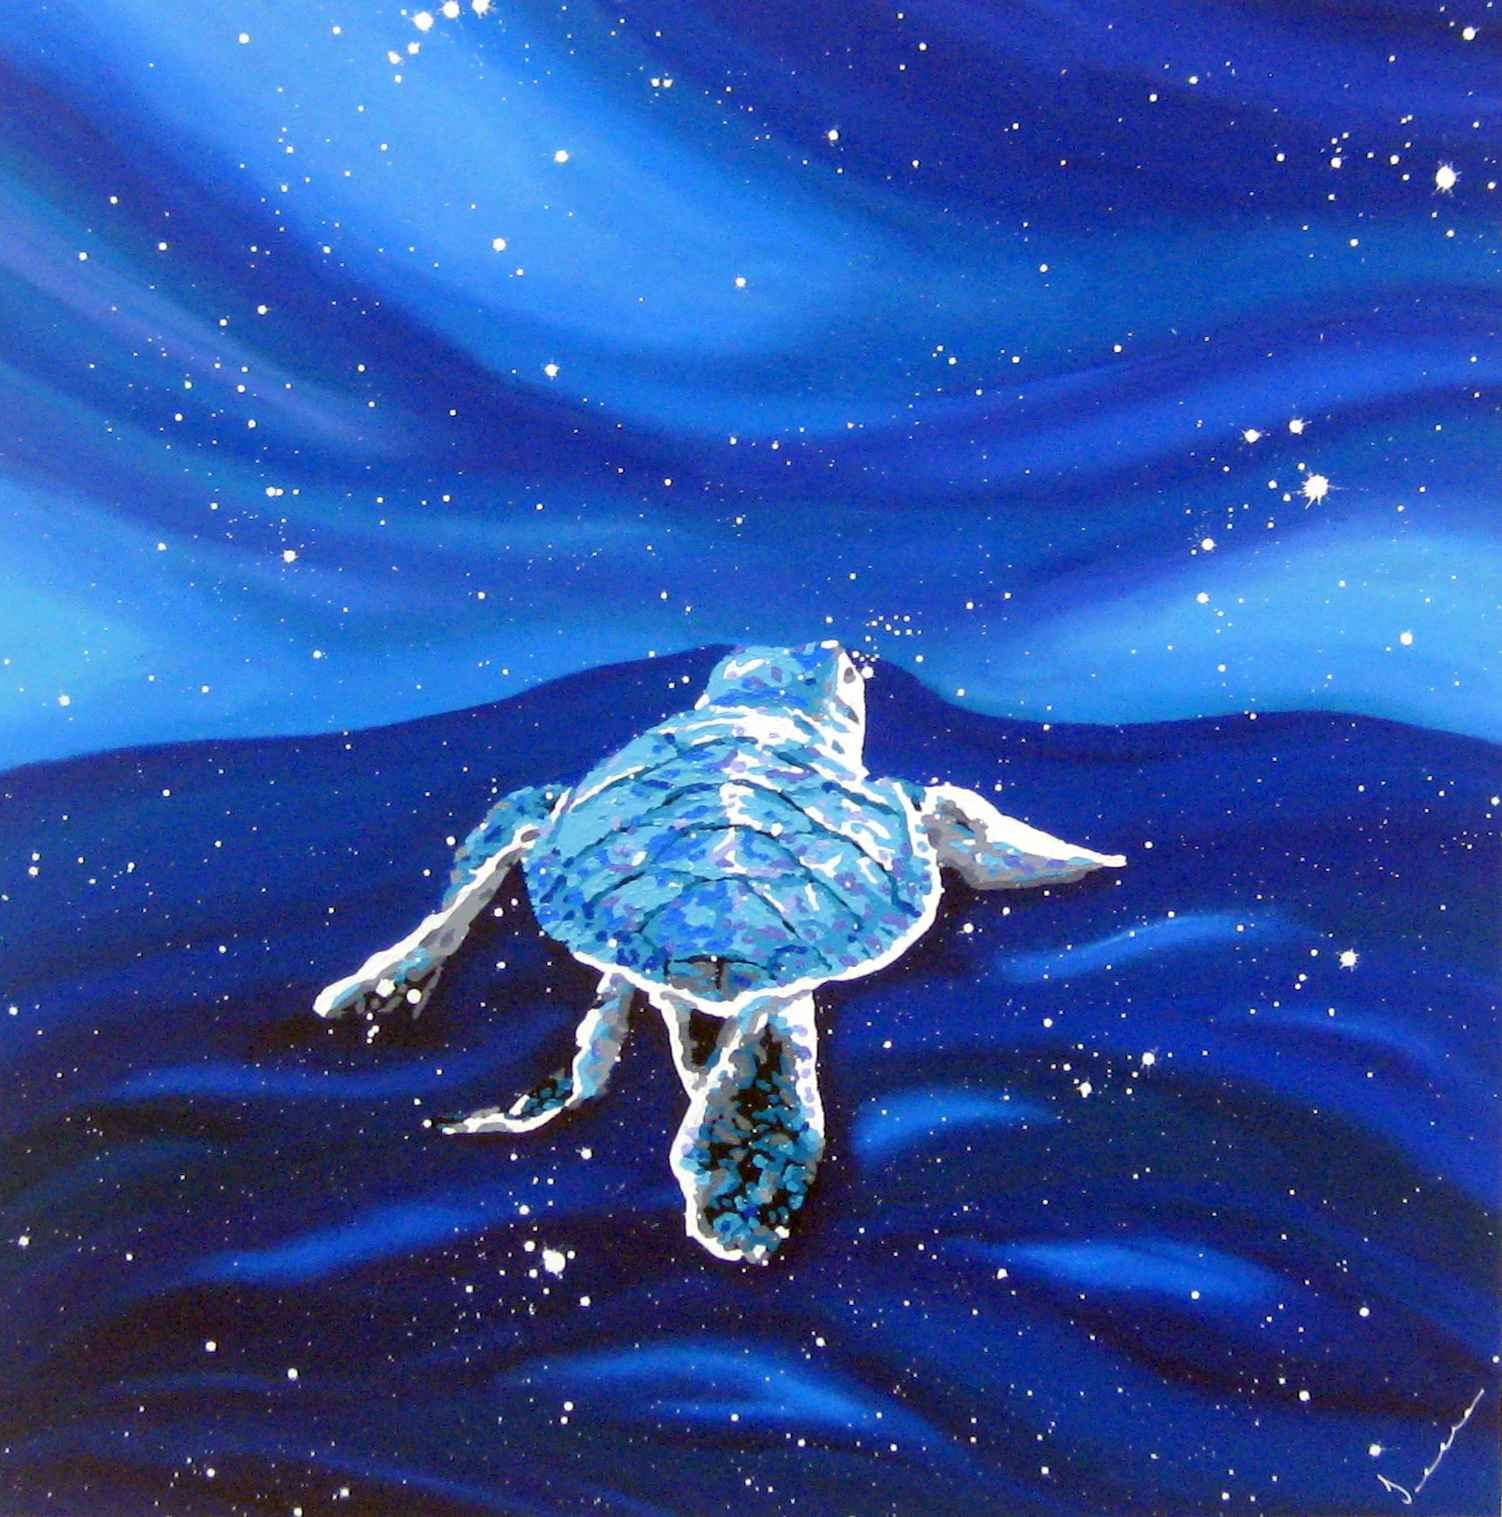 Stargazer by  Jeena Chatrani - Masterpiece Online